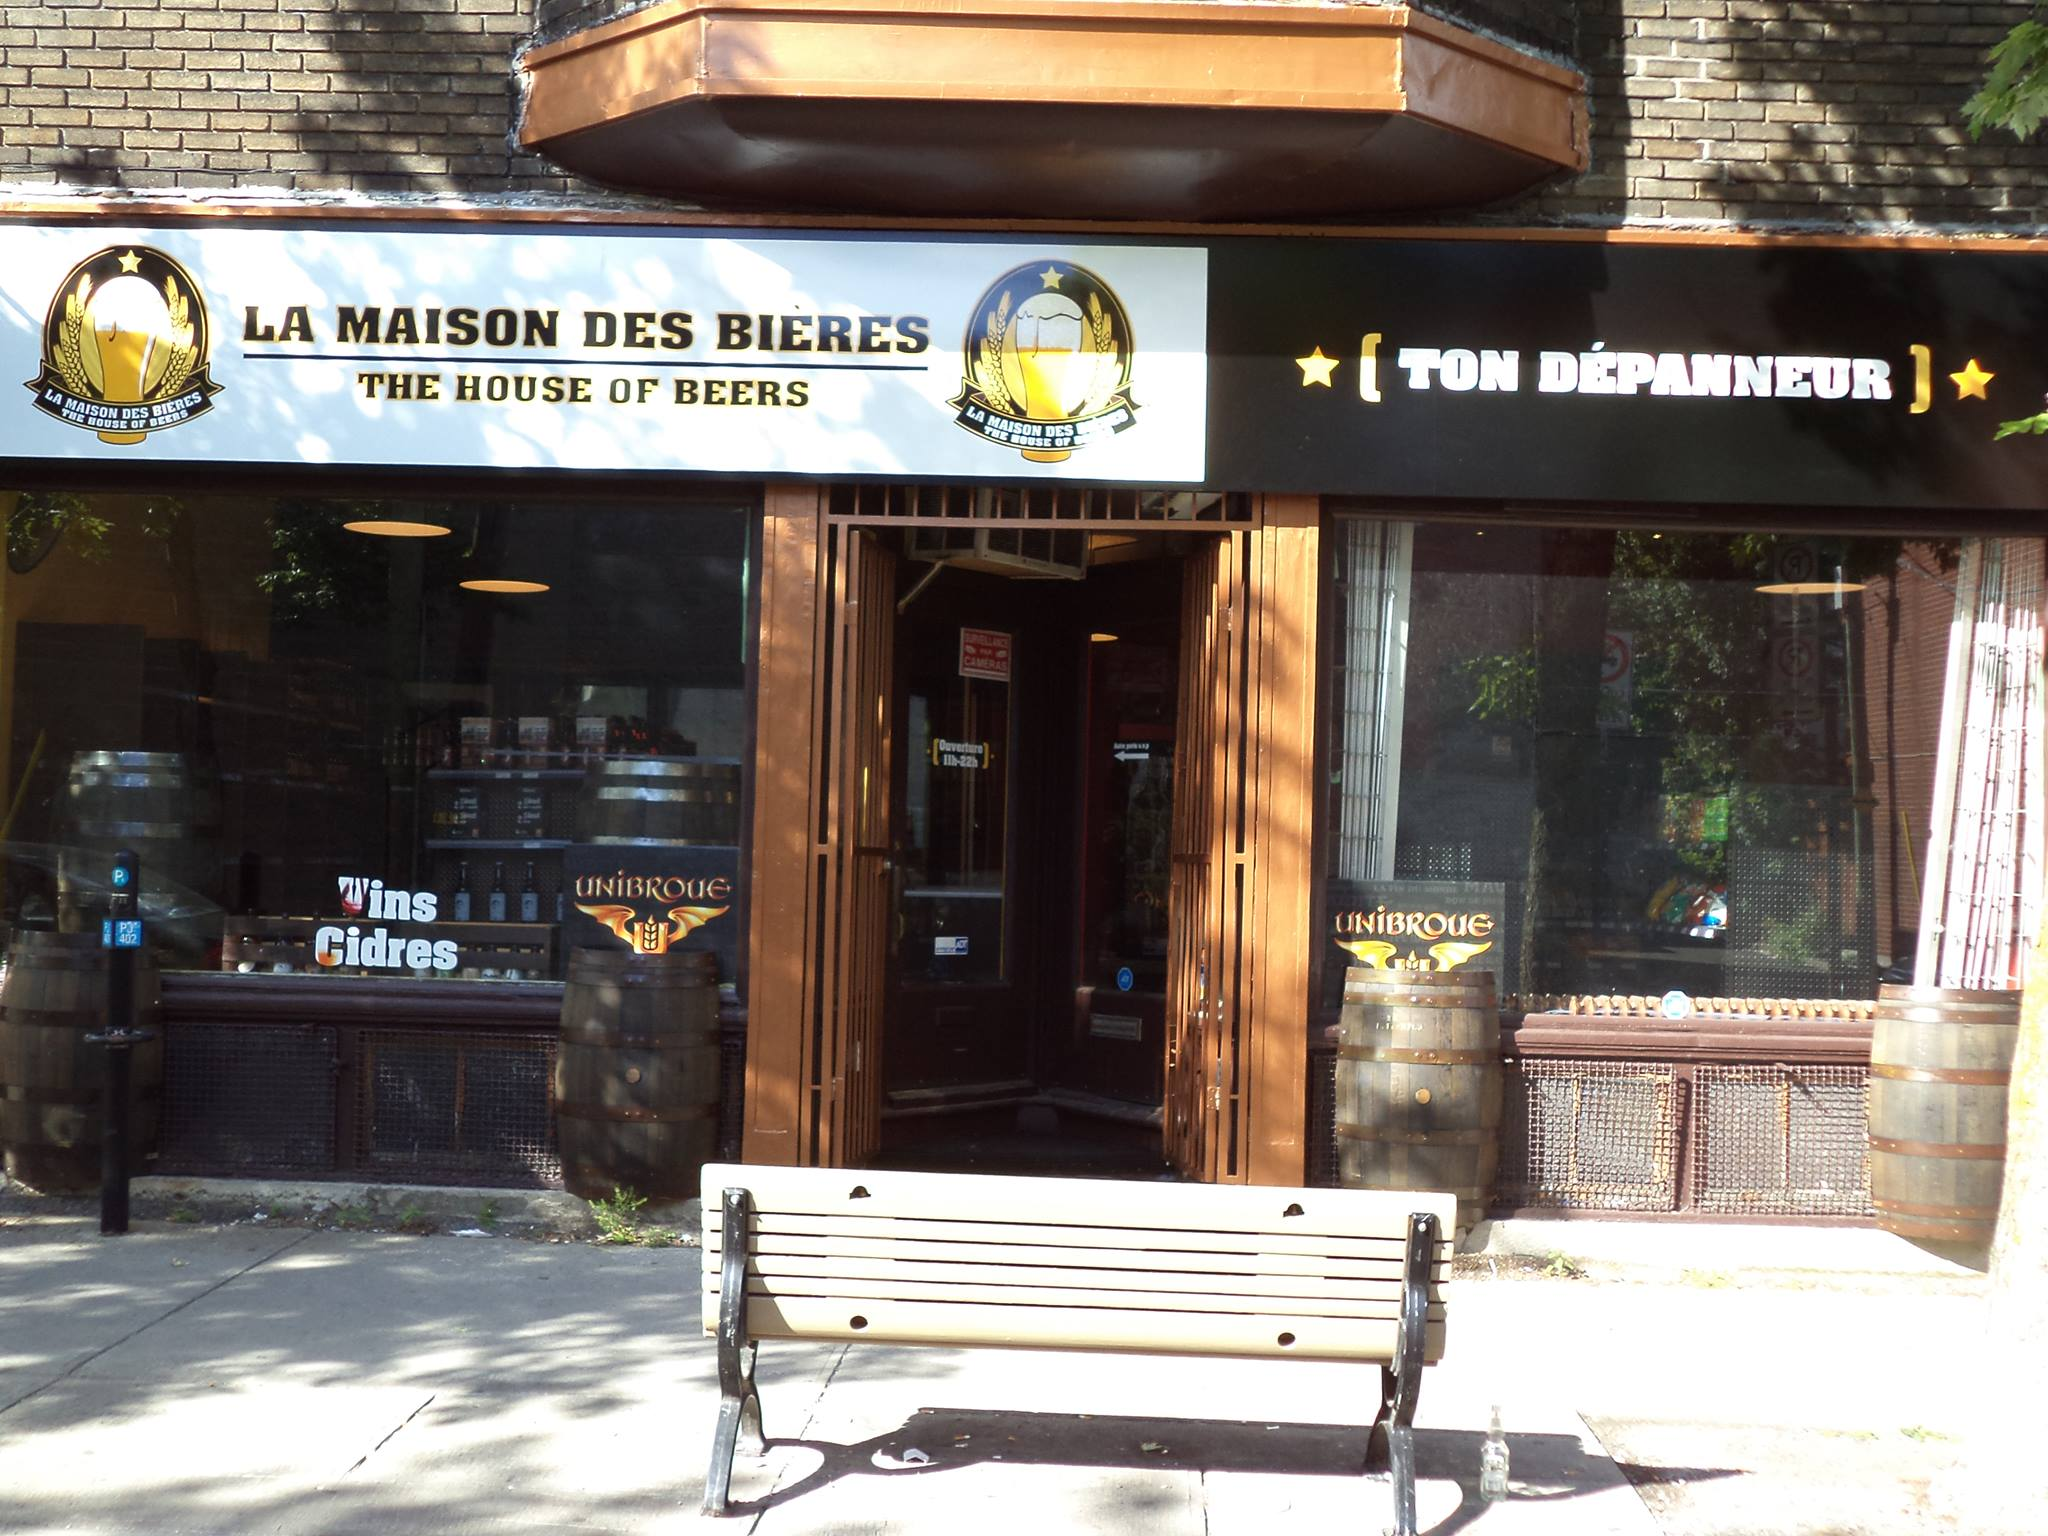 La maison des bi res boutique de bi res au plateau mont - La maison de la biere ...